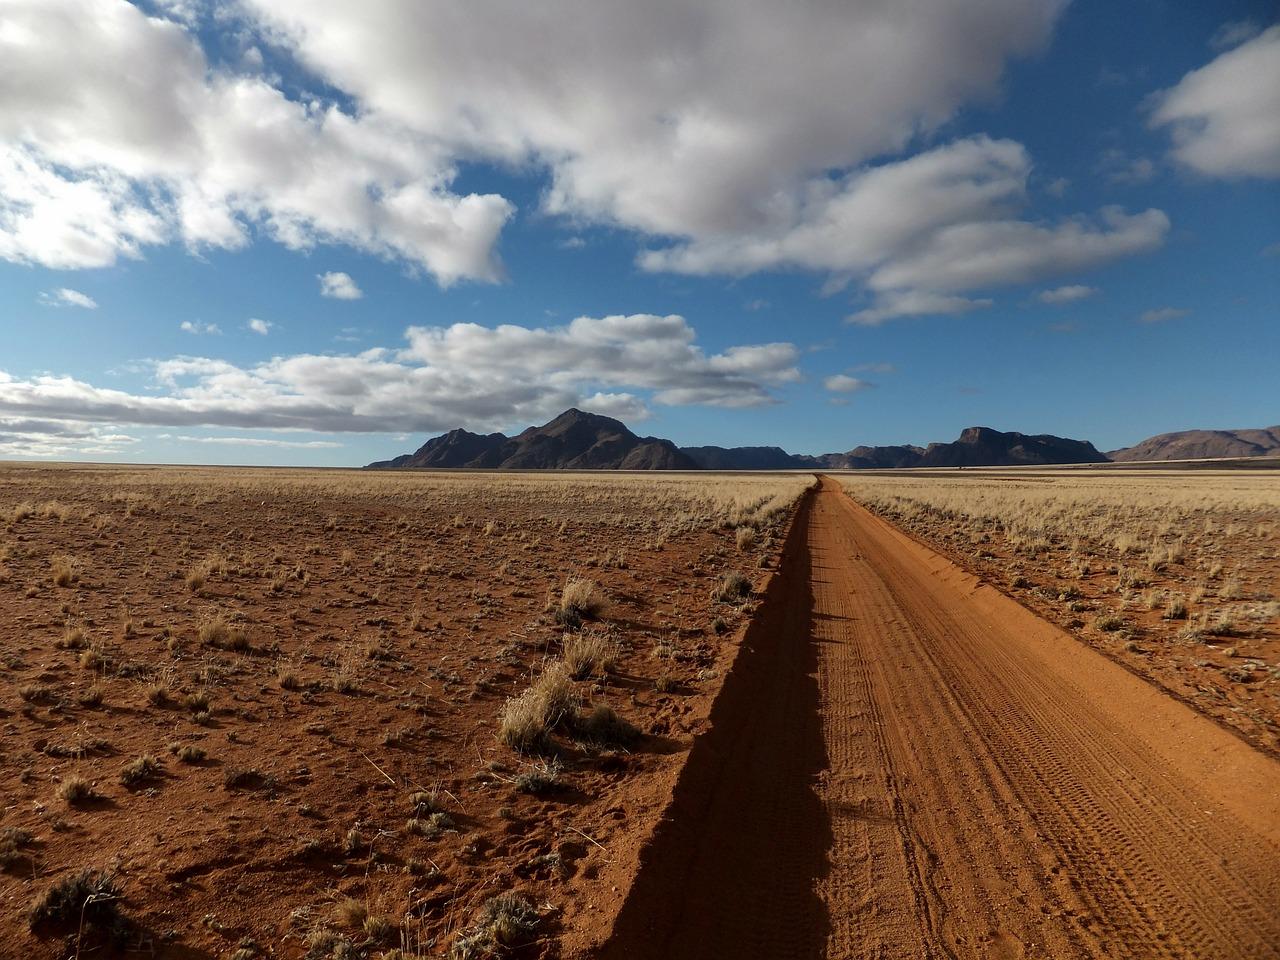 Mit dem Motorrad in Afrika, ein unvergessliches Erlebnis